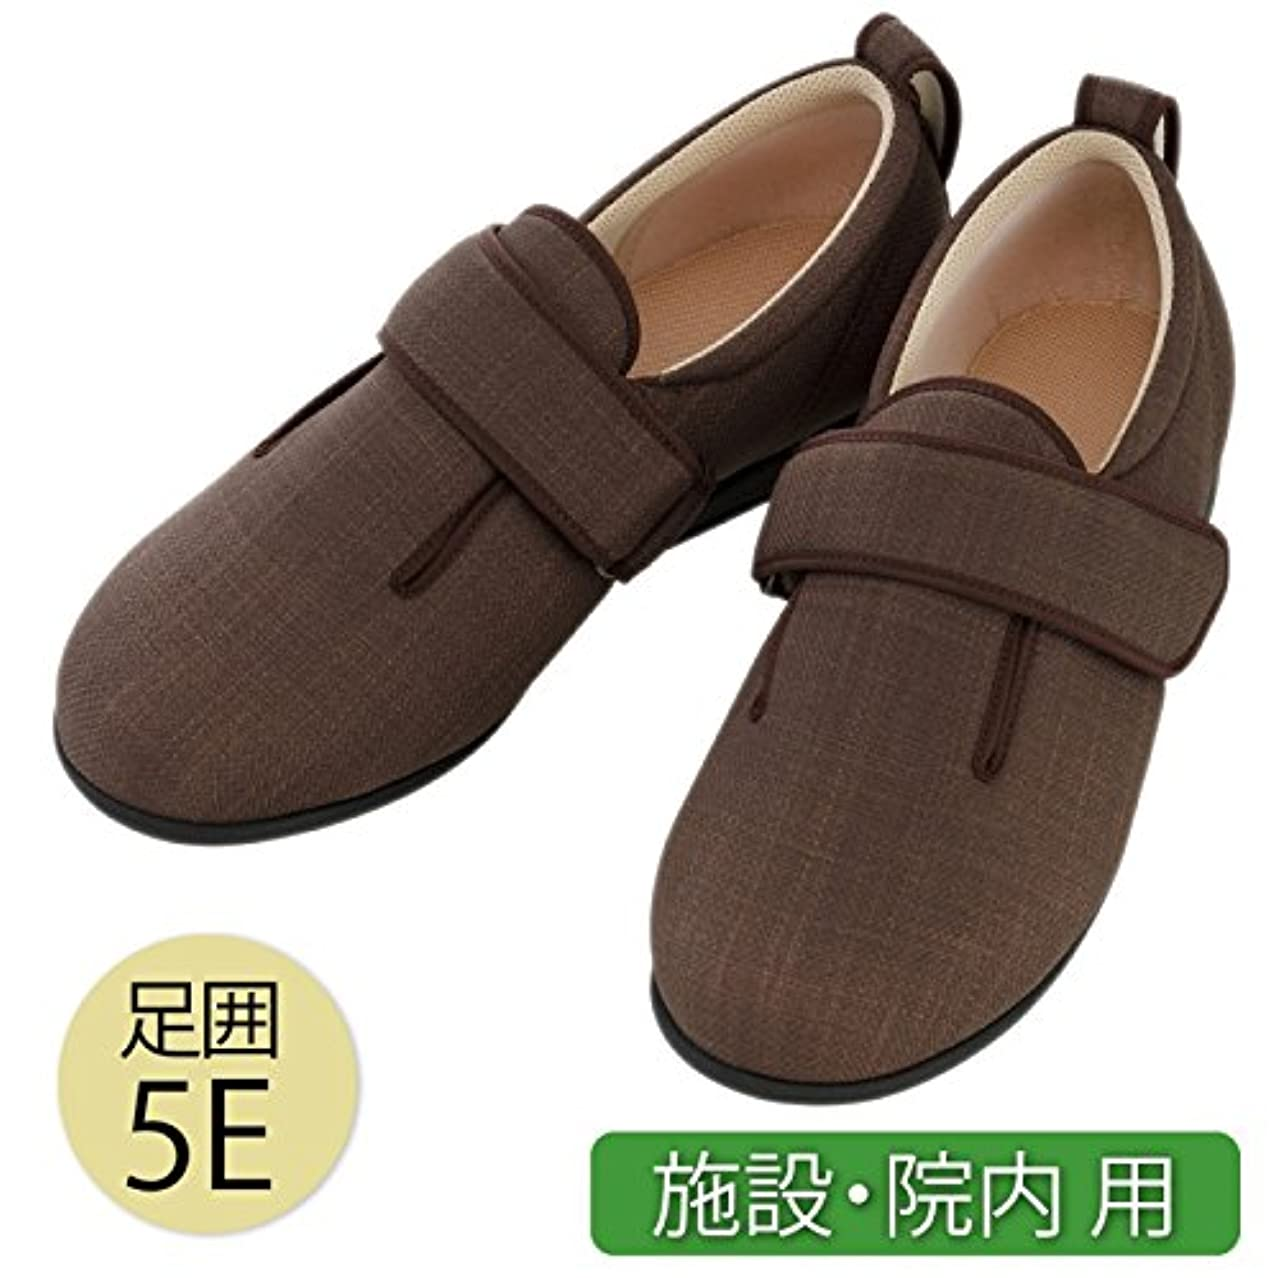 7035 ダブルマジックIII 5E 茶(5Lサイズ)